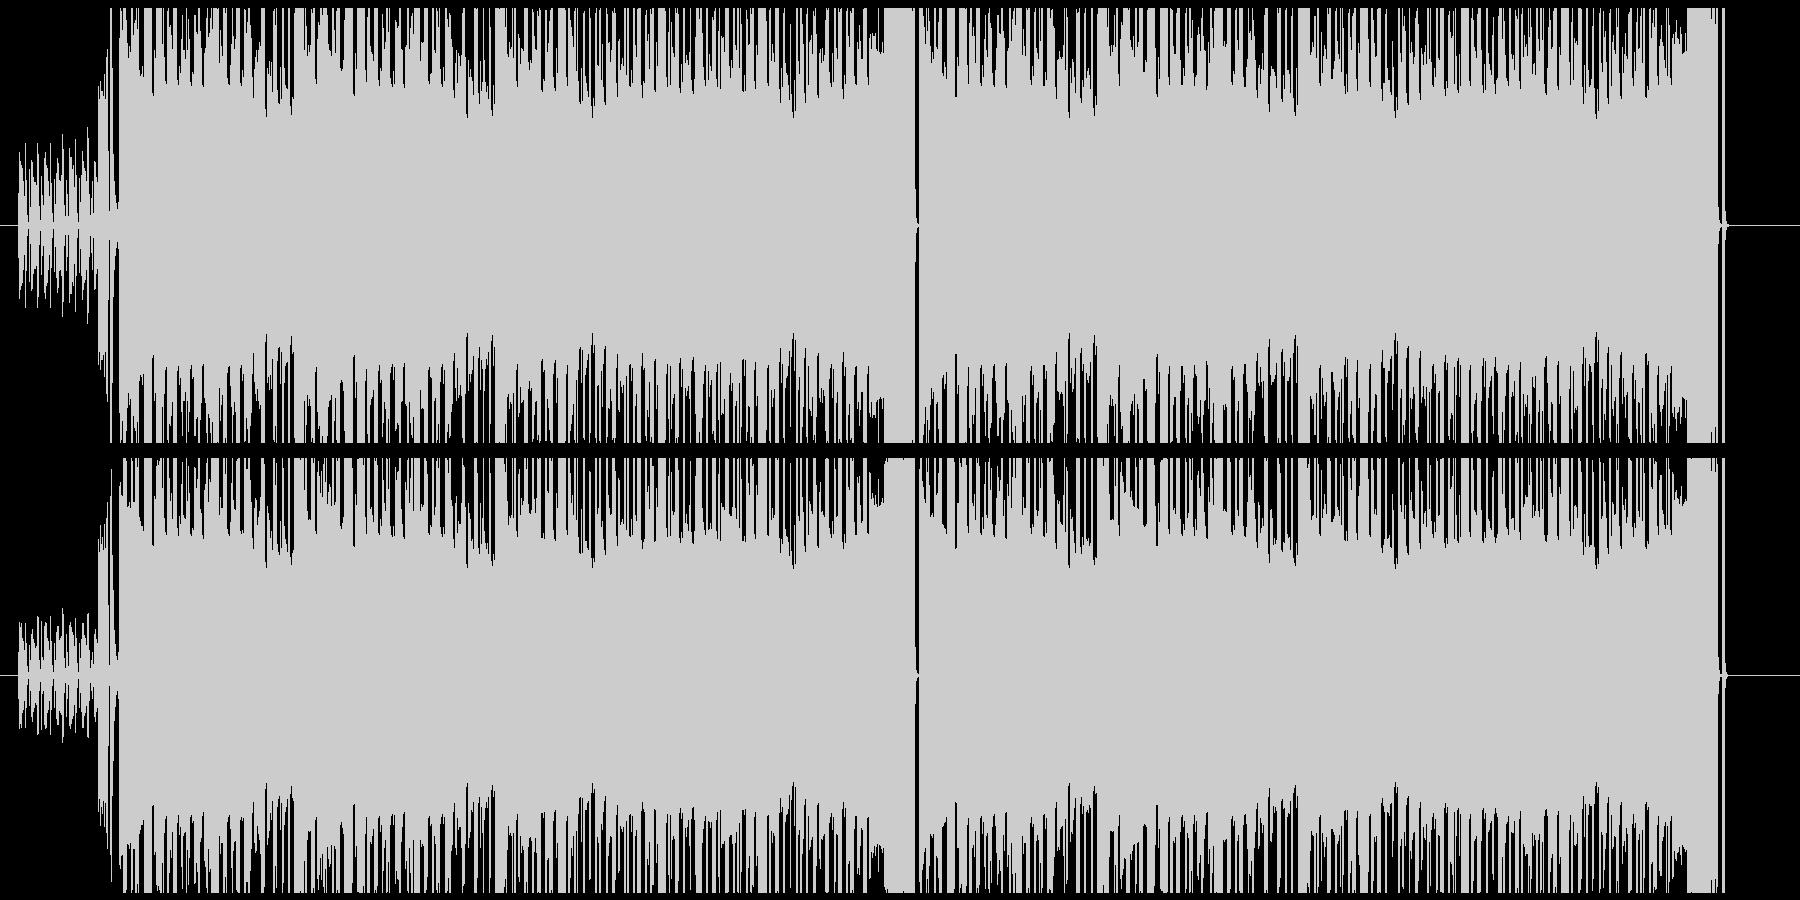 怪しい雰囲気の4ビートチップチューンの未再生の波形